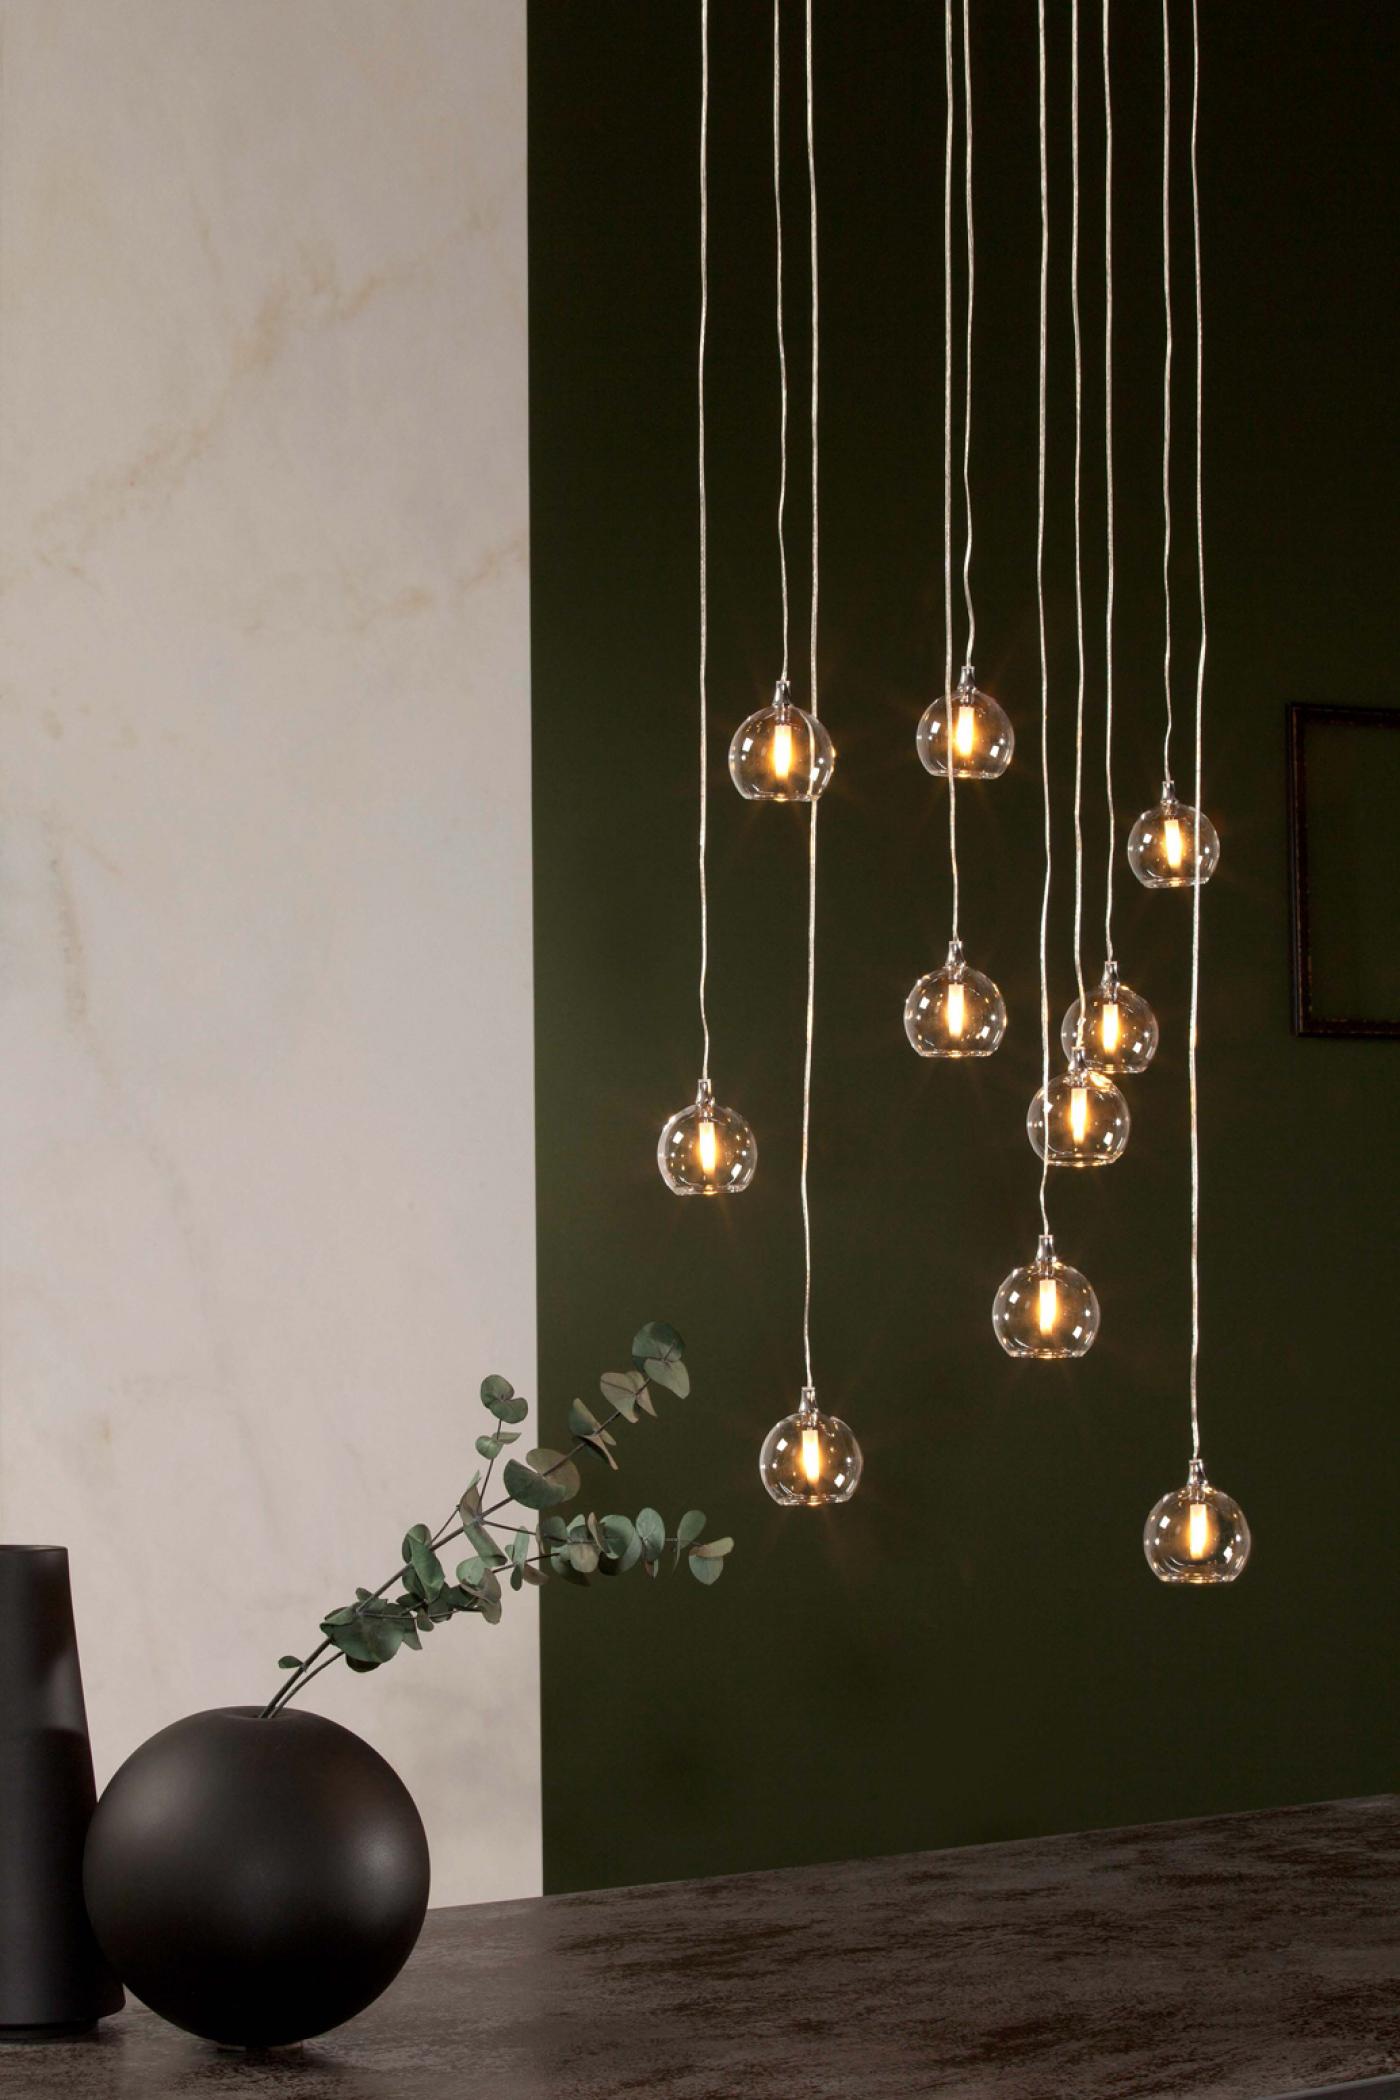 010116-101000-prod-gallery-584-t9107ming01 Schöne Was ist Eine Lampe Dekorationen